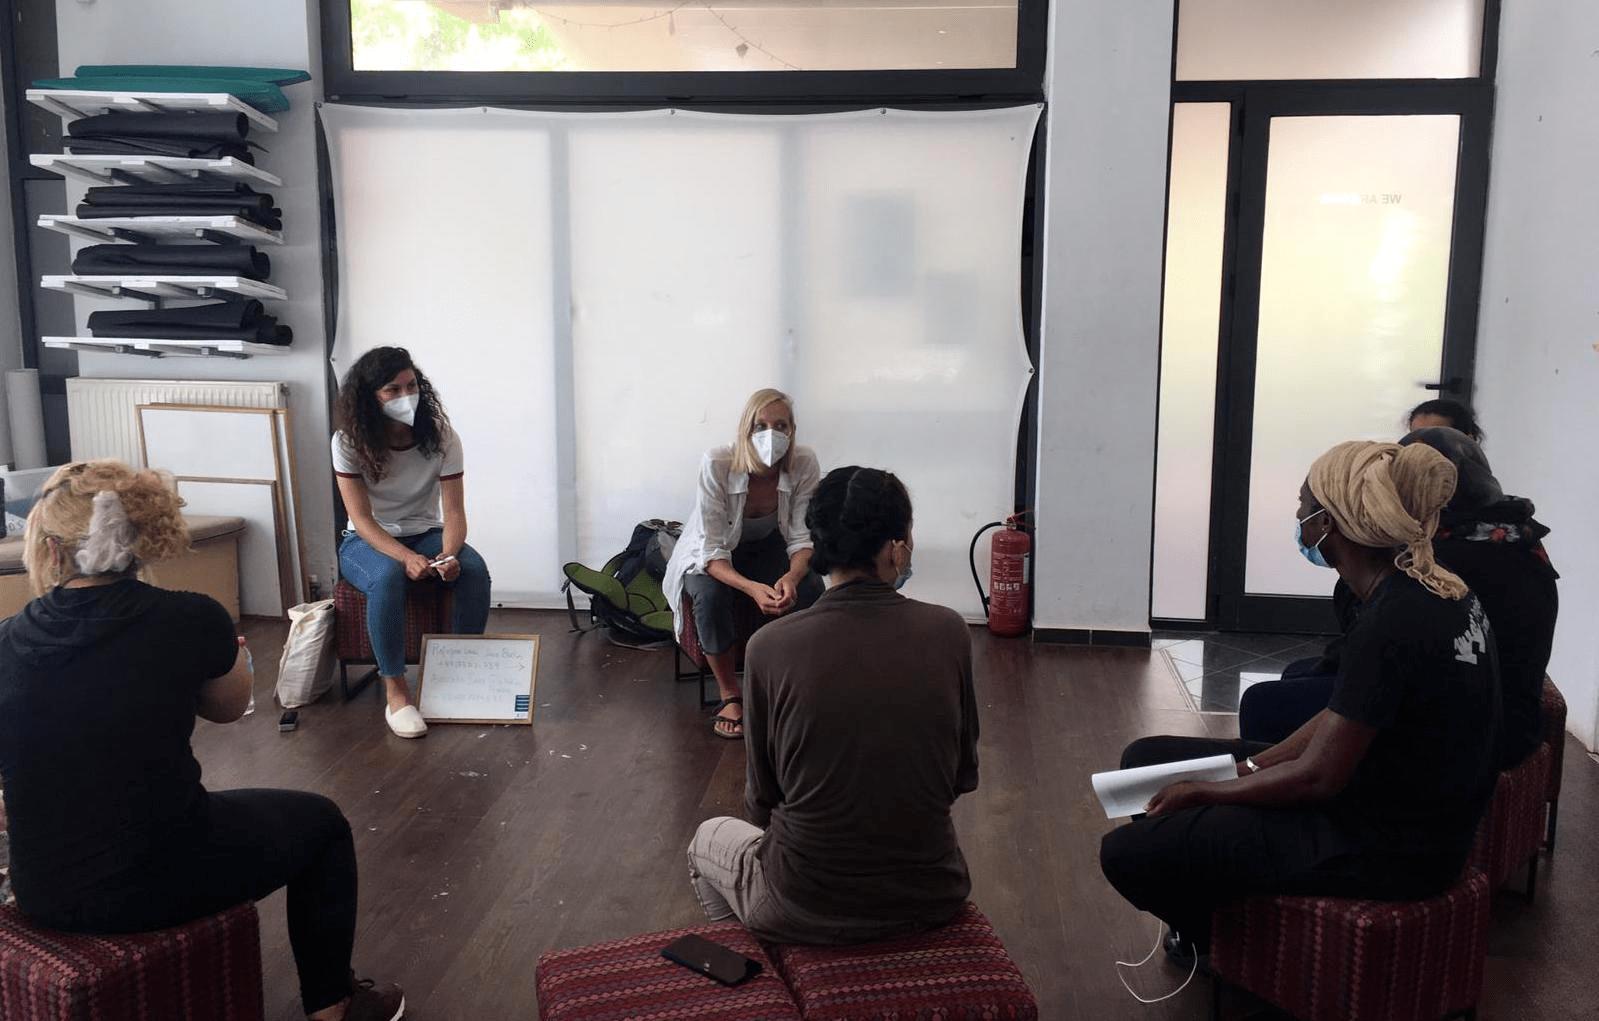 Illustration : Grèce - Des ateliers d'information juridique sur les procédures d'asile